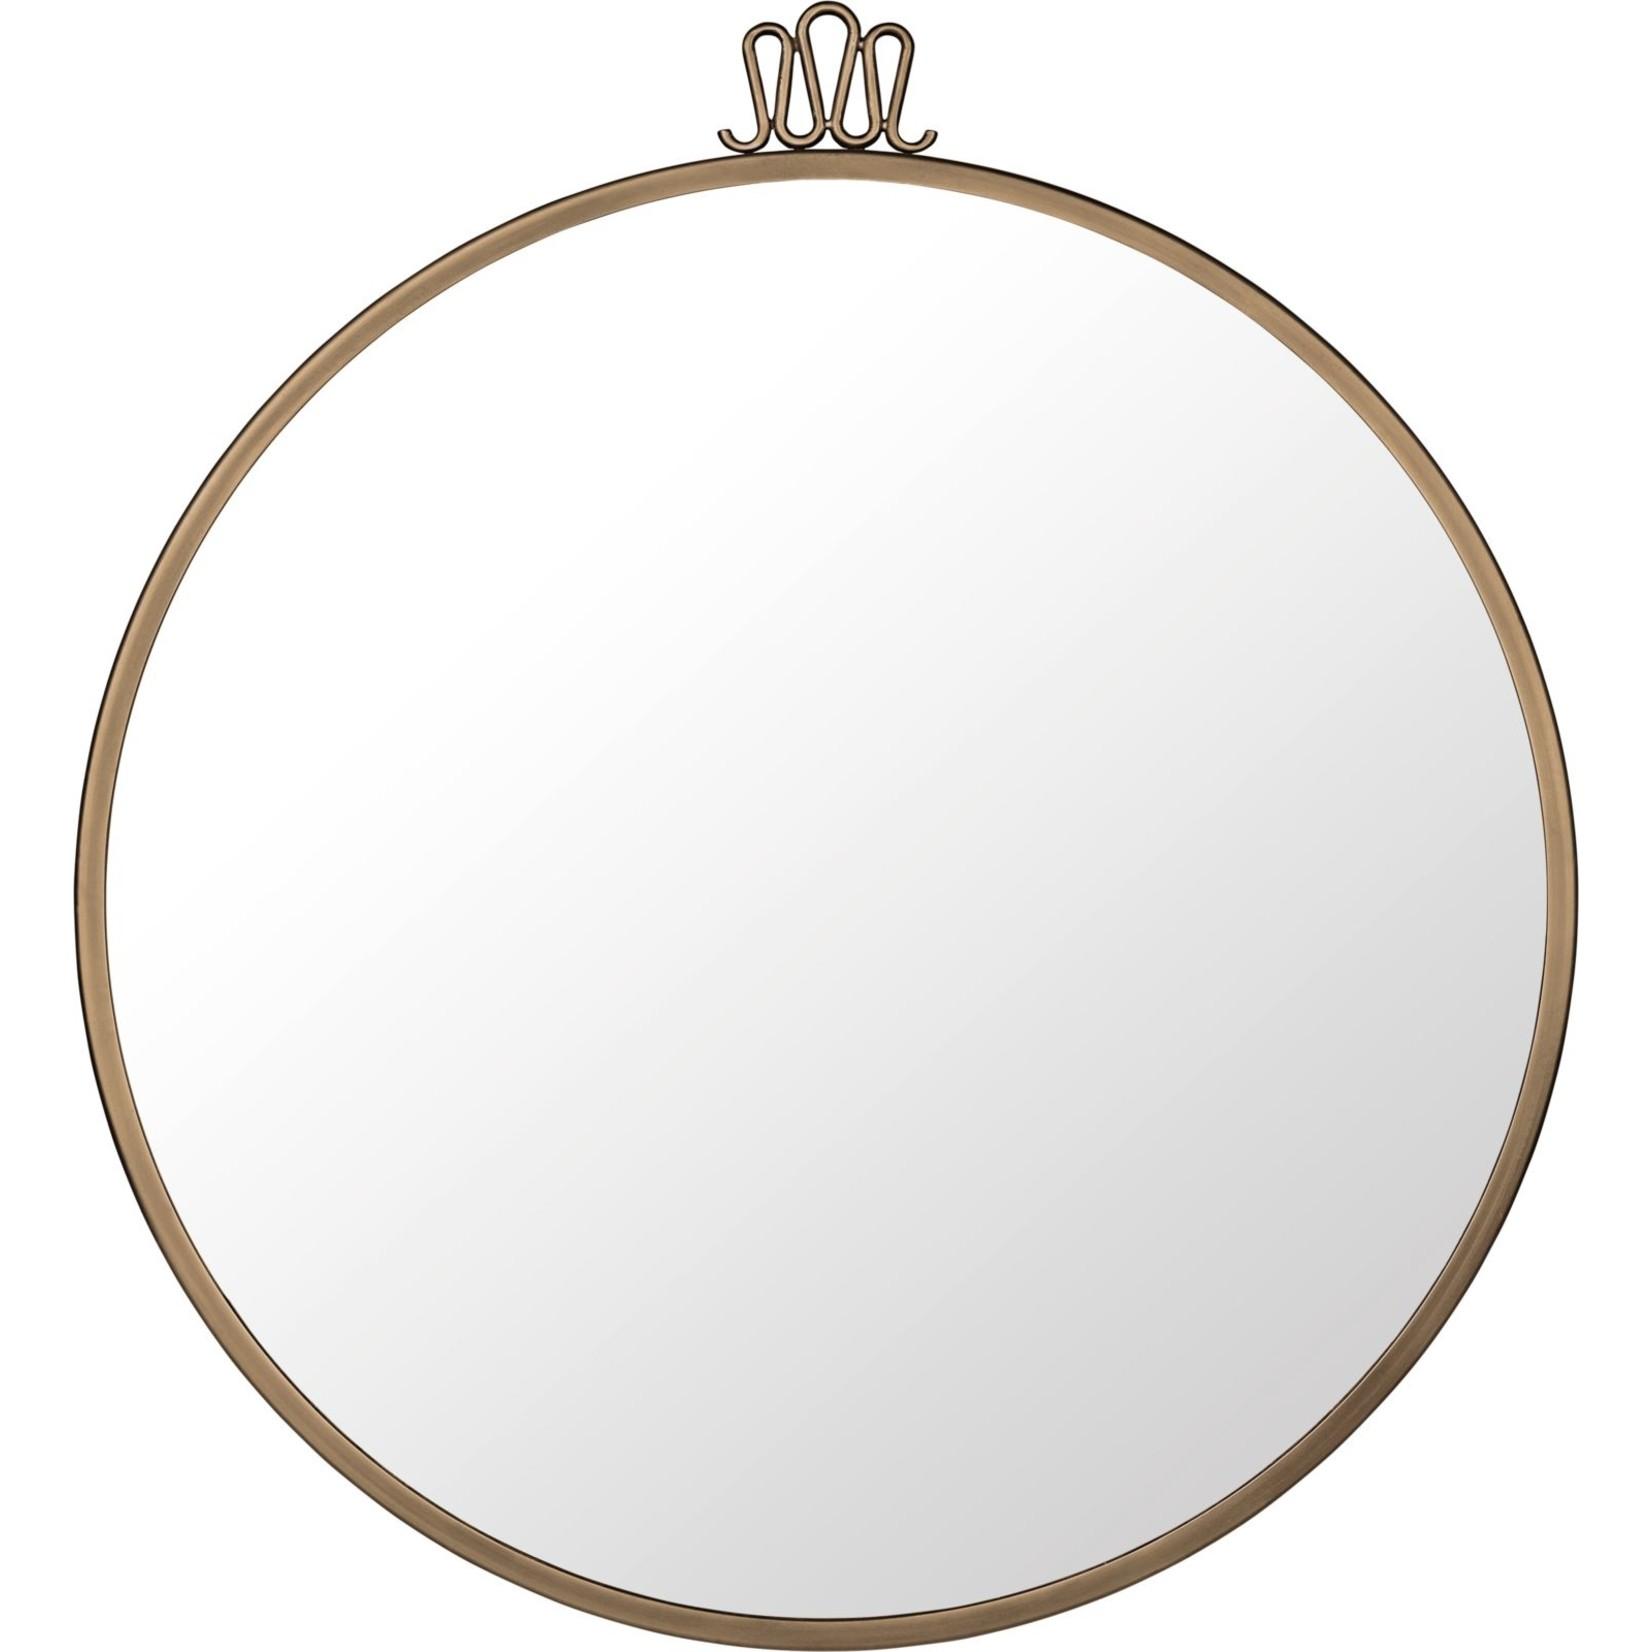 Gubi Wall mirror Randaccio - Round - Ø60 - Antique Brass